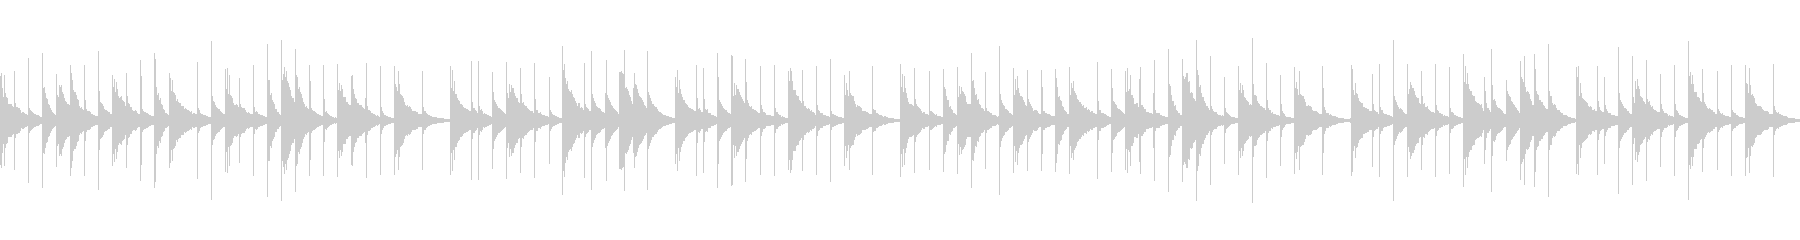 アルプス一万尺 (オルゴール)の未再生の波形